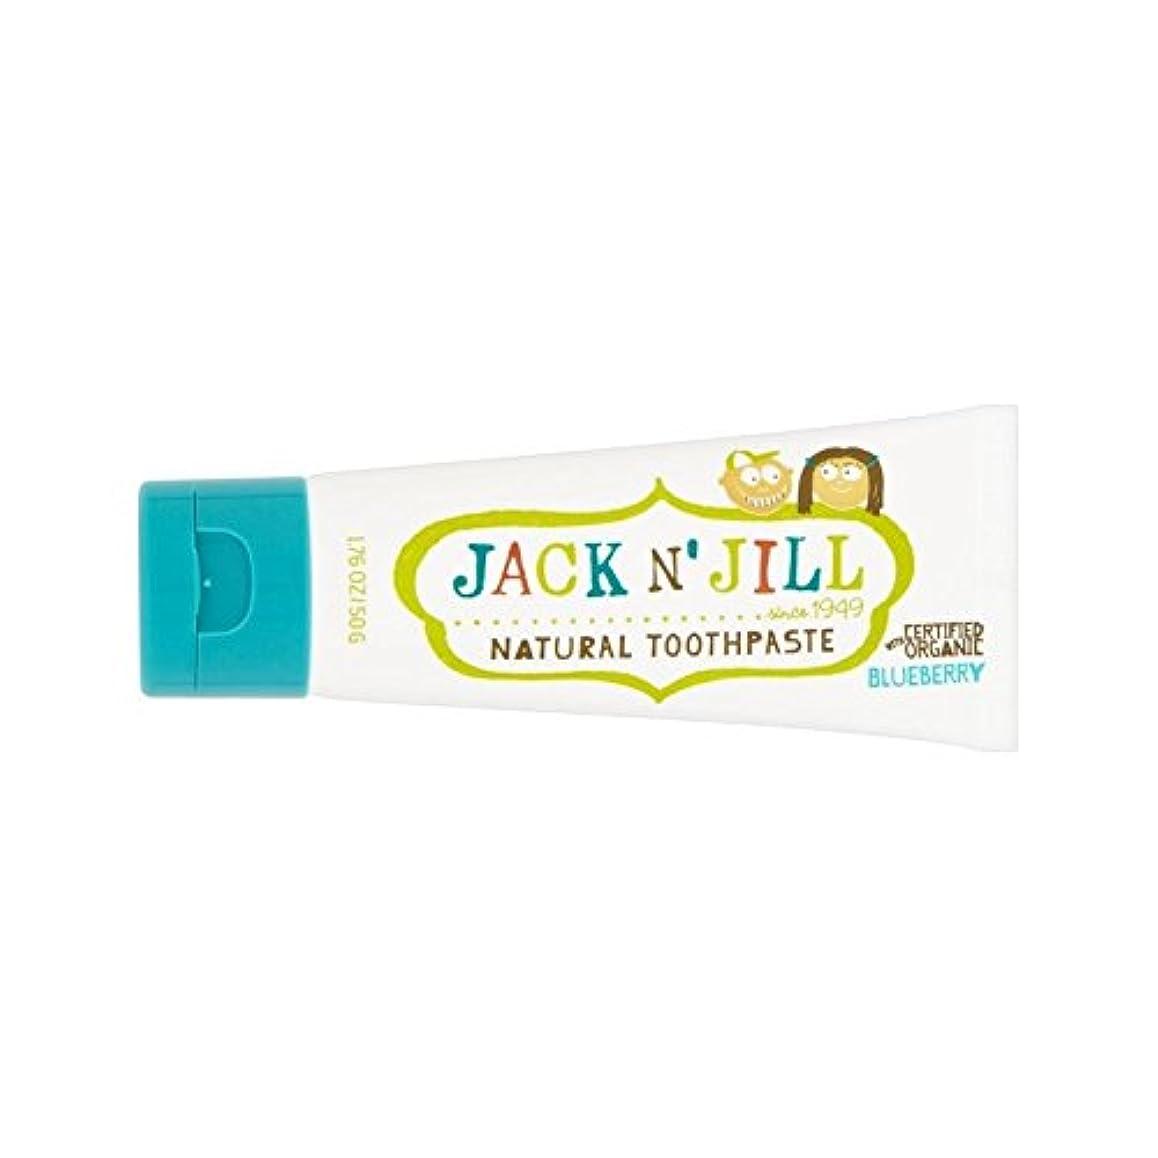 サーバント憲法シャット有機香味50グラムとの自然なブルーベリー歯磨き粉 (Jack N Jill) - Jack N' Jill Blueberry Toothpaste Natural with Organic Flavouring 50g...